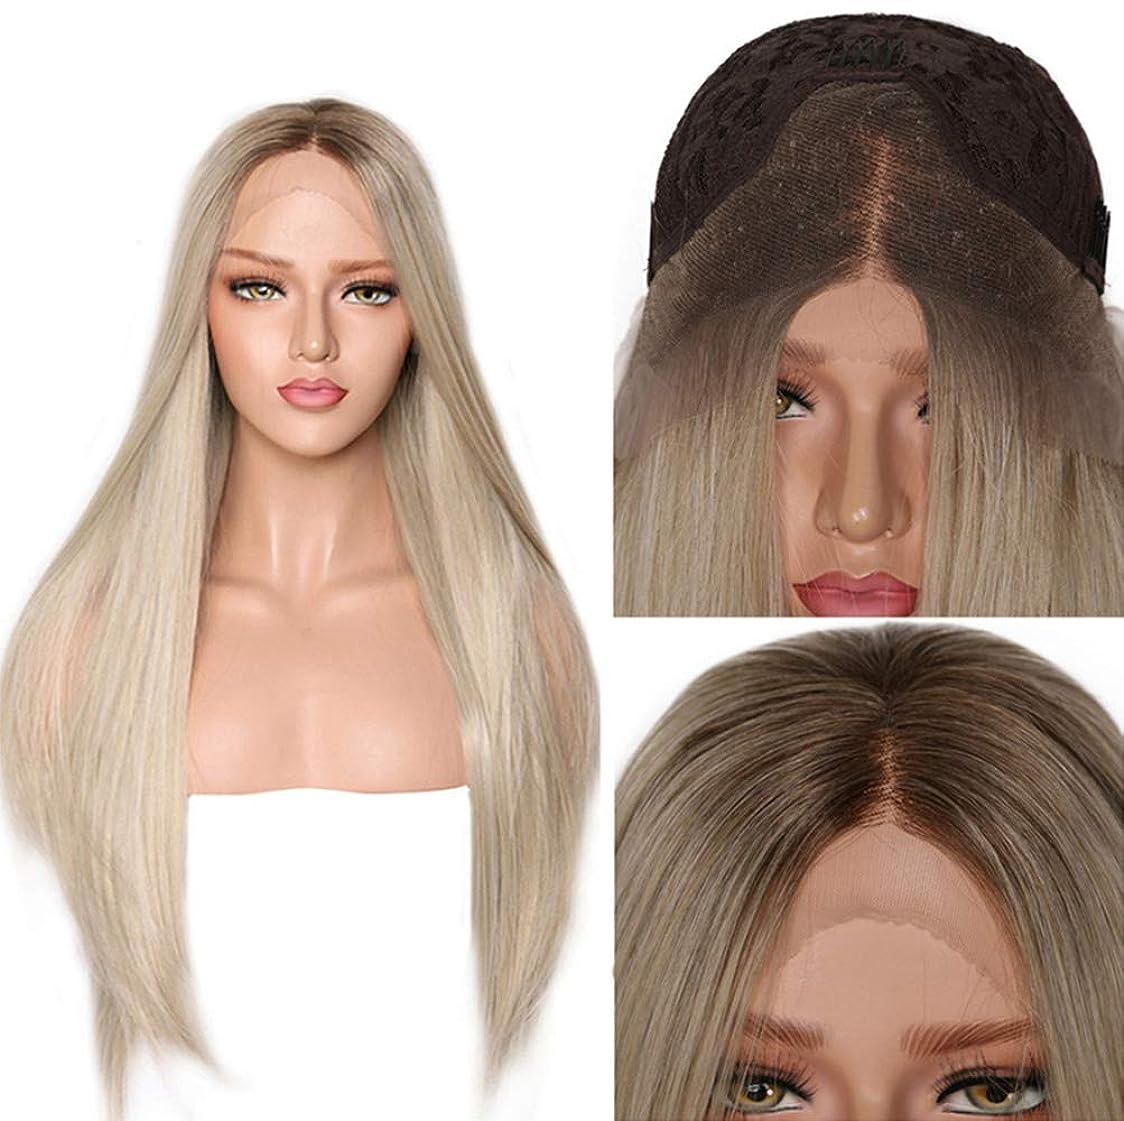 心理的に知っているに立ち寄るオッズ女性かつらロングストレートヘアーオンブル合成耐熱高品質かつら無料ウィッグキャップブロンド26インチ